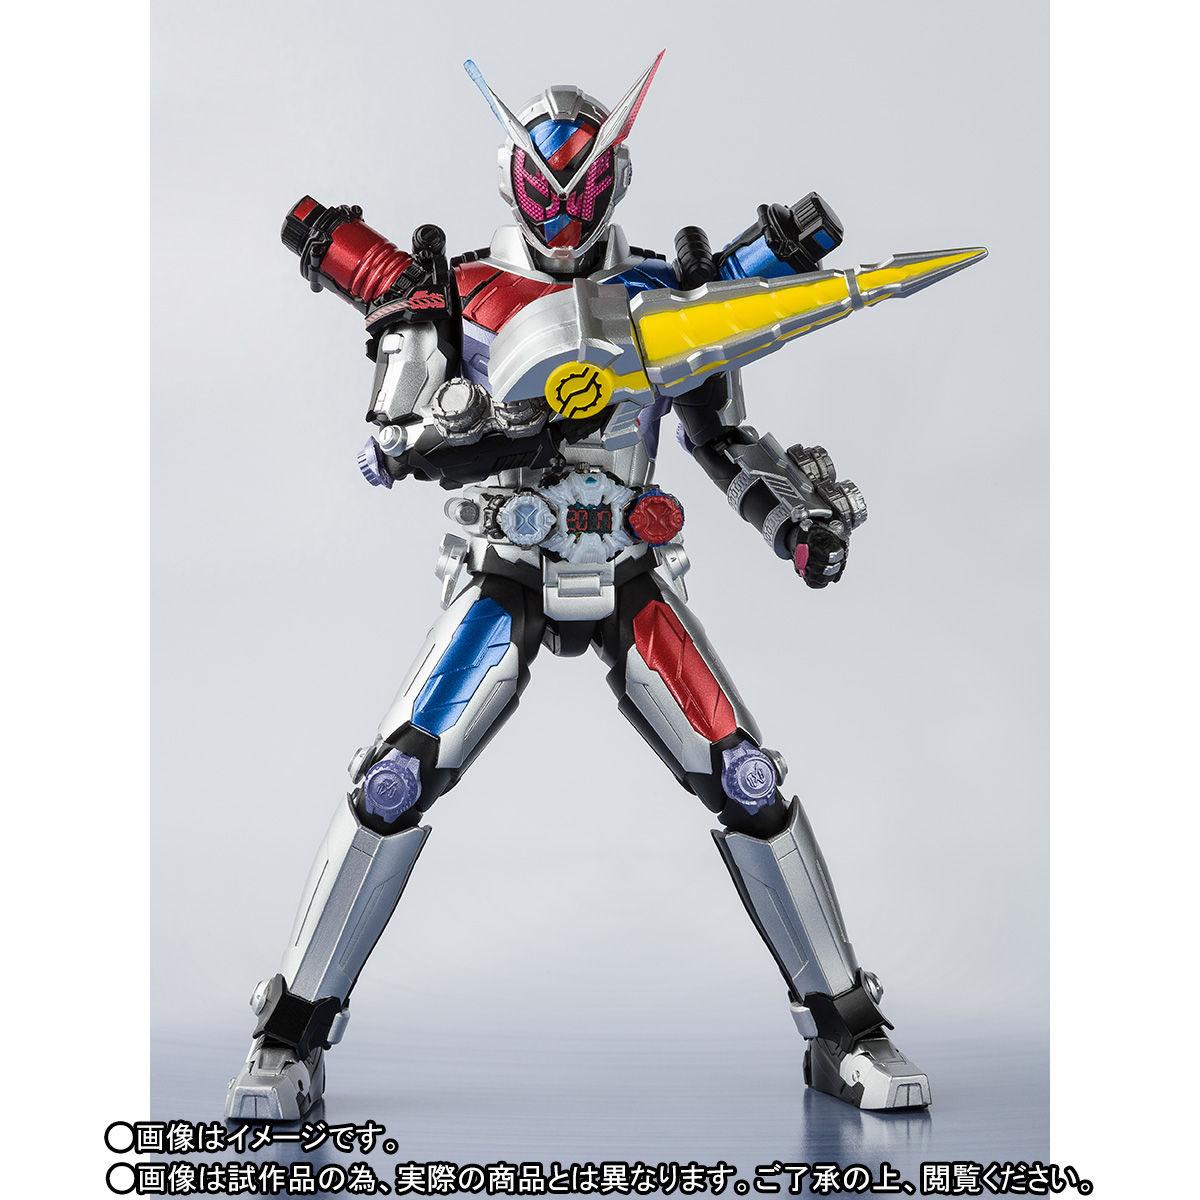 S.H.フィギュアーツ『ビルドアーマー』仮面ライダージオウ 可動フィギュア-002